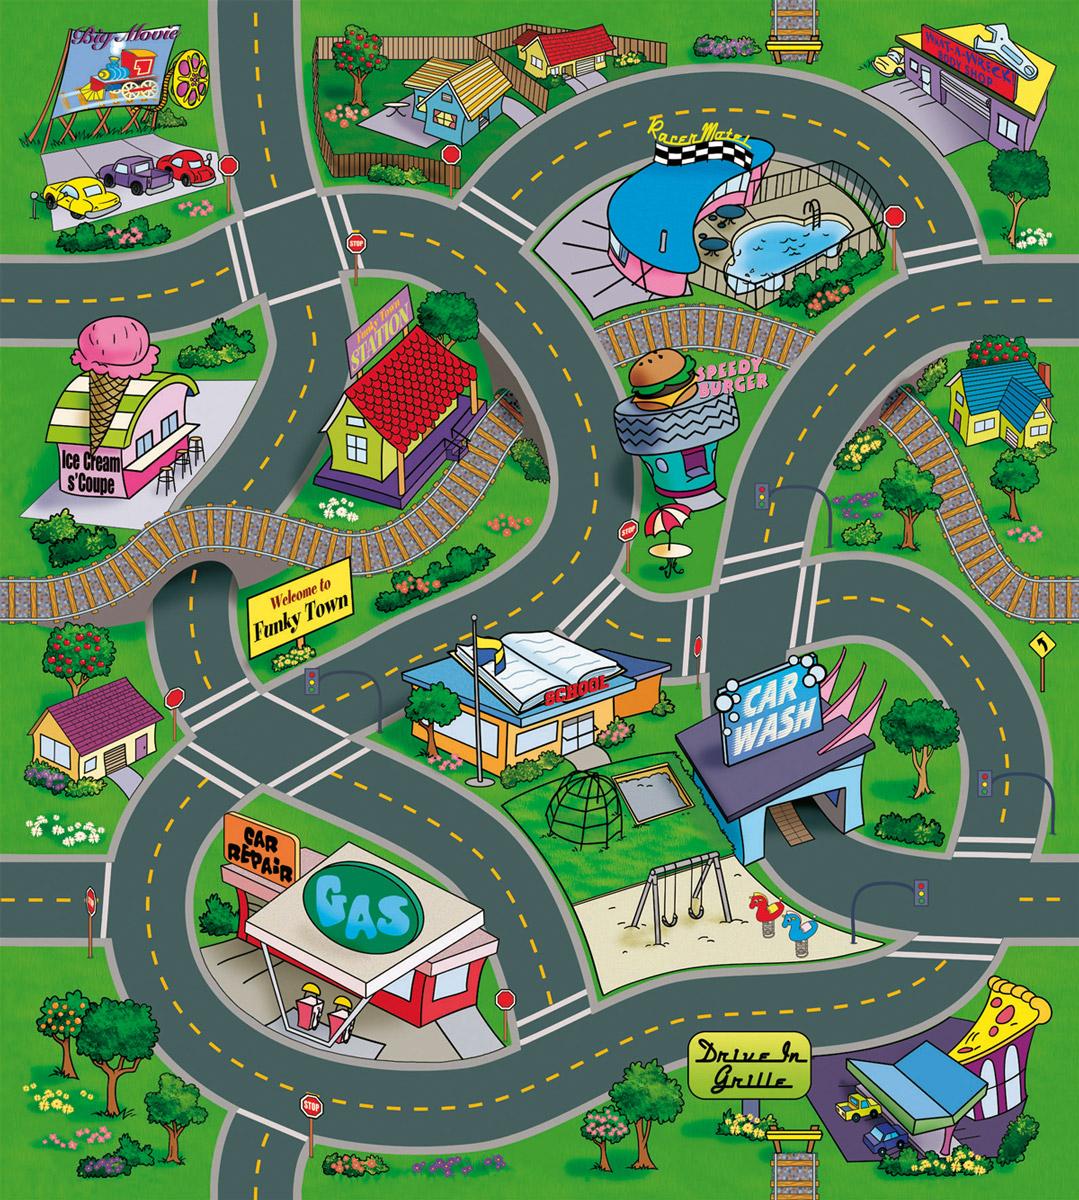 Majorette Игровой набор Funky Town3745003Игровой коврик Majorette Funky Town - прекрасный подарок для любого мальчика. С ним ребенок познакомится с особенностями движения автомобилей в населенном пункте. Коврик выполнен из приятного на ощупь нетканого материала. На нем изображены фрагменты дорог в городе. В комплект входят металлическая машинка со свободным ходом и дополнительные пластиковые элементы: 10 дорожных знаков и 2 ограждения. Порадуйте вашего ребенка таким замечательным подарком!